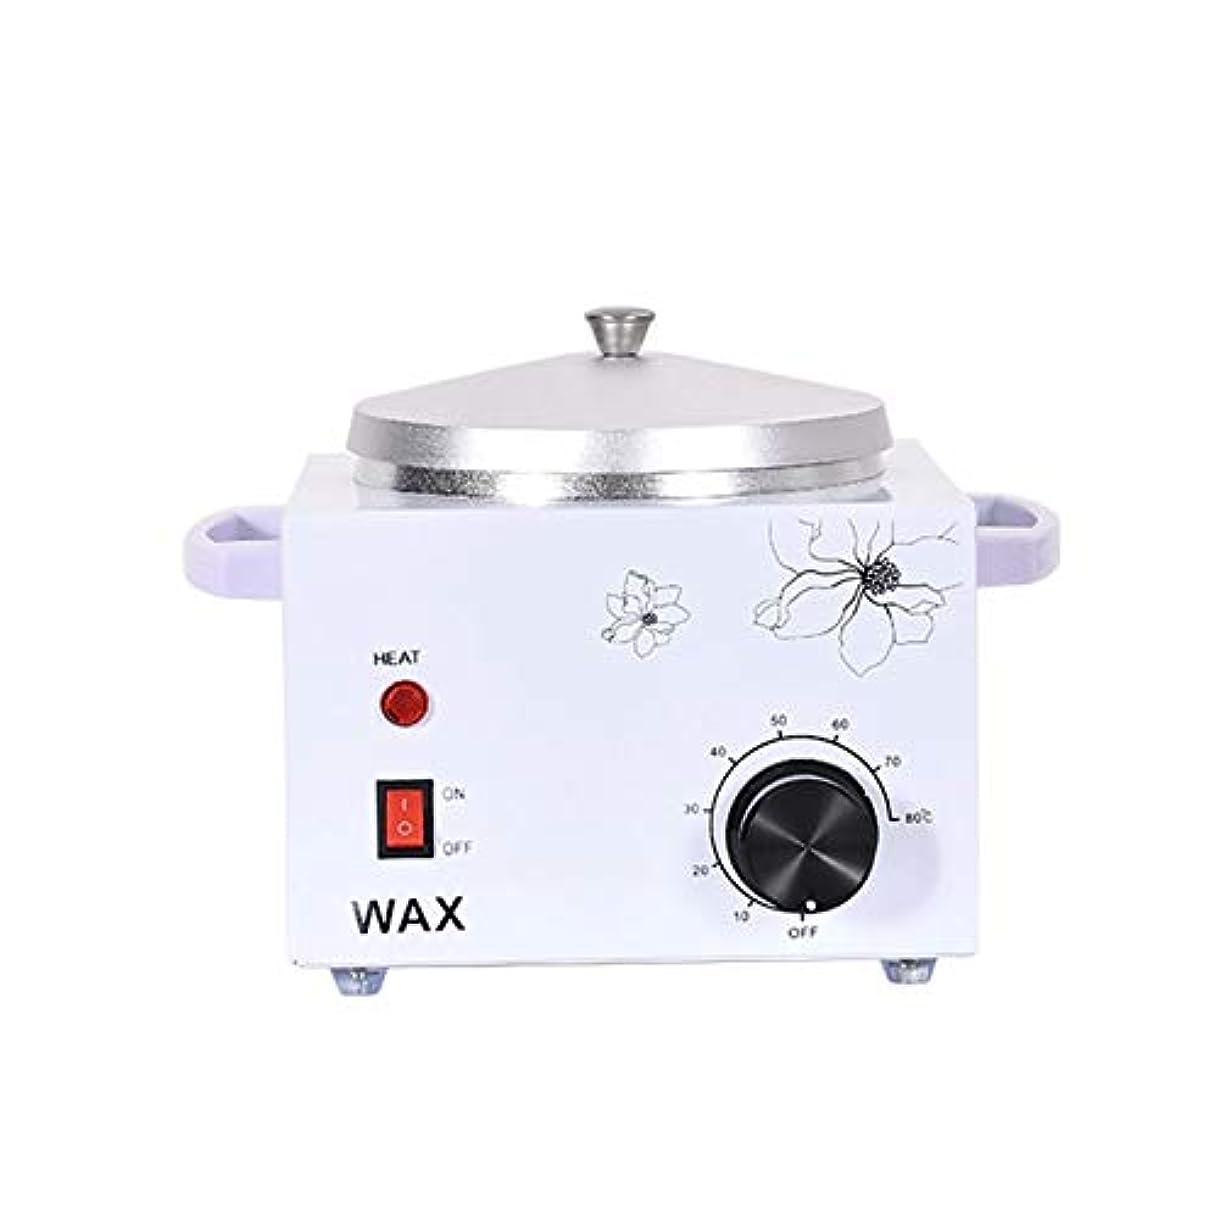 誇大妄想提出するプレゼンタープロフェッショナル電気ワックスウォーマーヒーター美容室ワックスポット多機能シングル口の炉内温度制御脱毛脱毛ワックスビーンヒーター600ccの